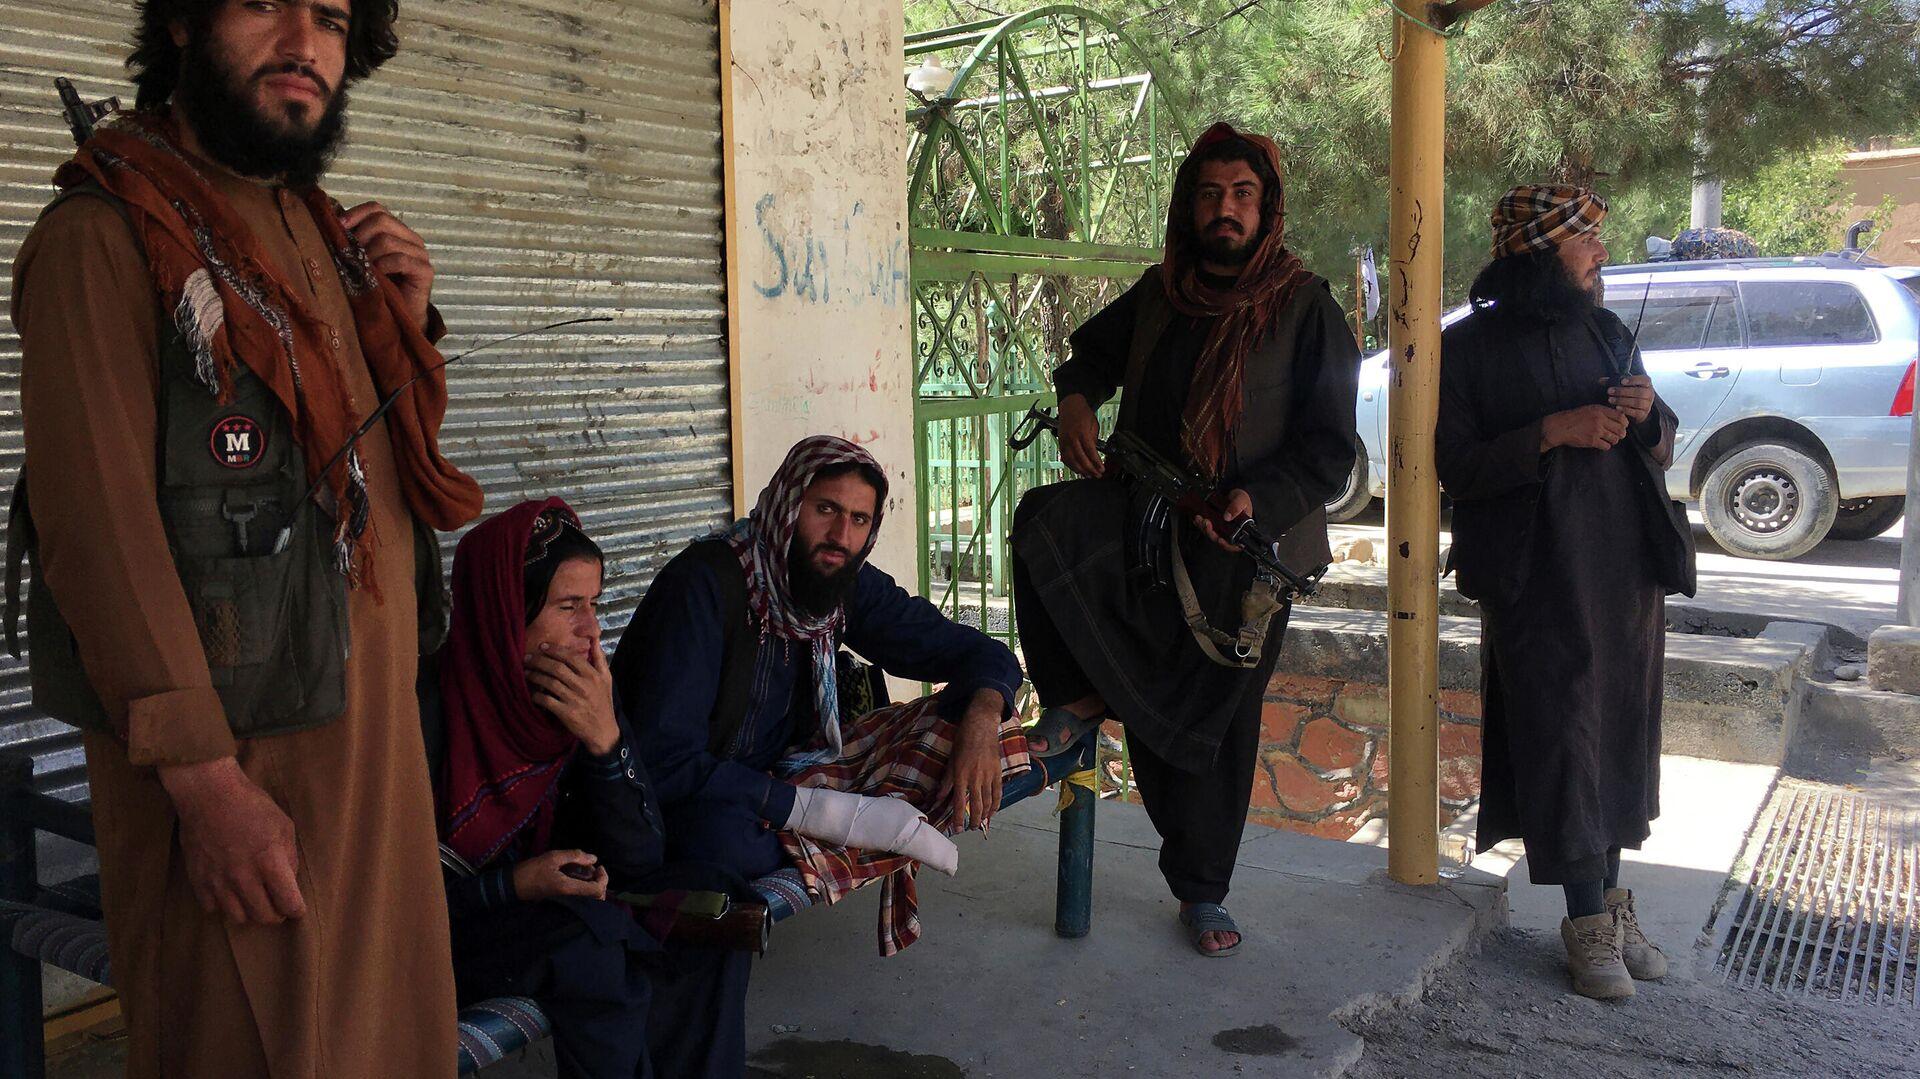 Боевики движения Талибан (террористическая организация, запрещена в России) в Кабуле - Sputnik Таджикистан, 1920, 30.09.2021